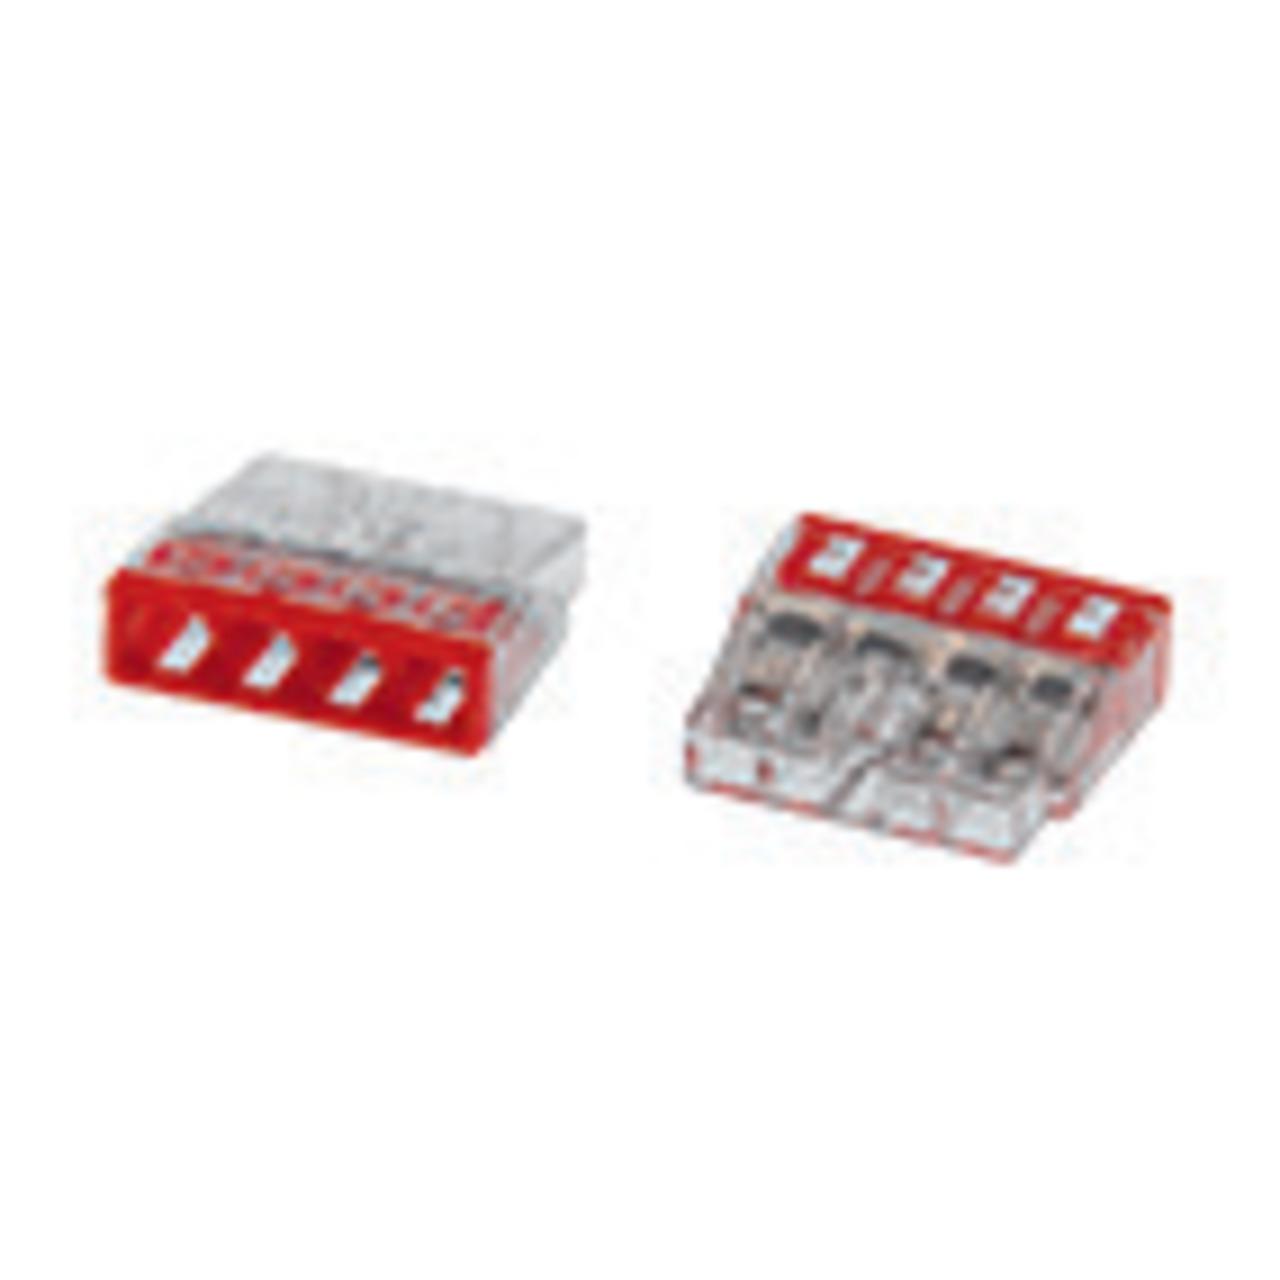 Wago Compact 2273-204 Verbindungsklemme- 4pol- 100 Stück